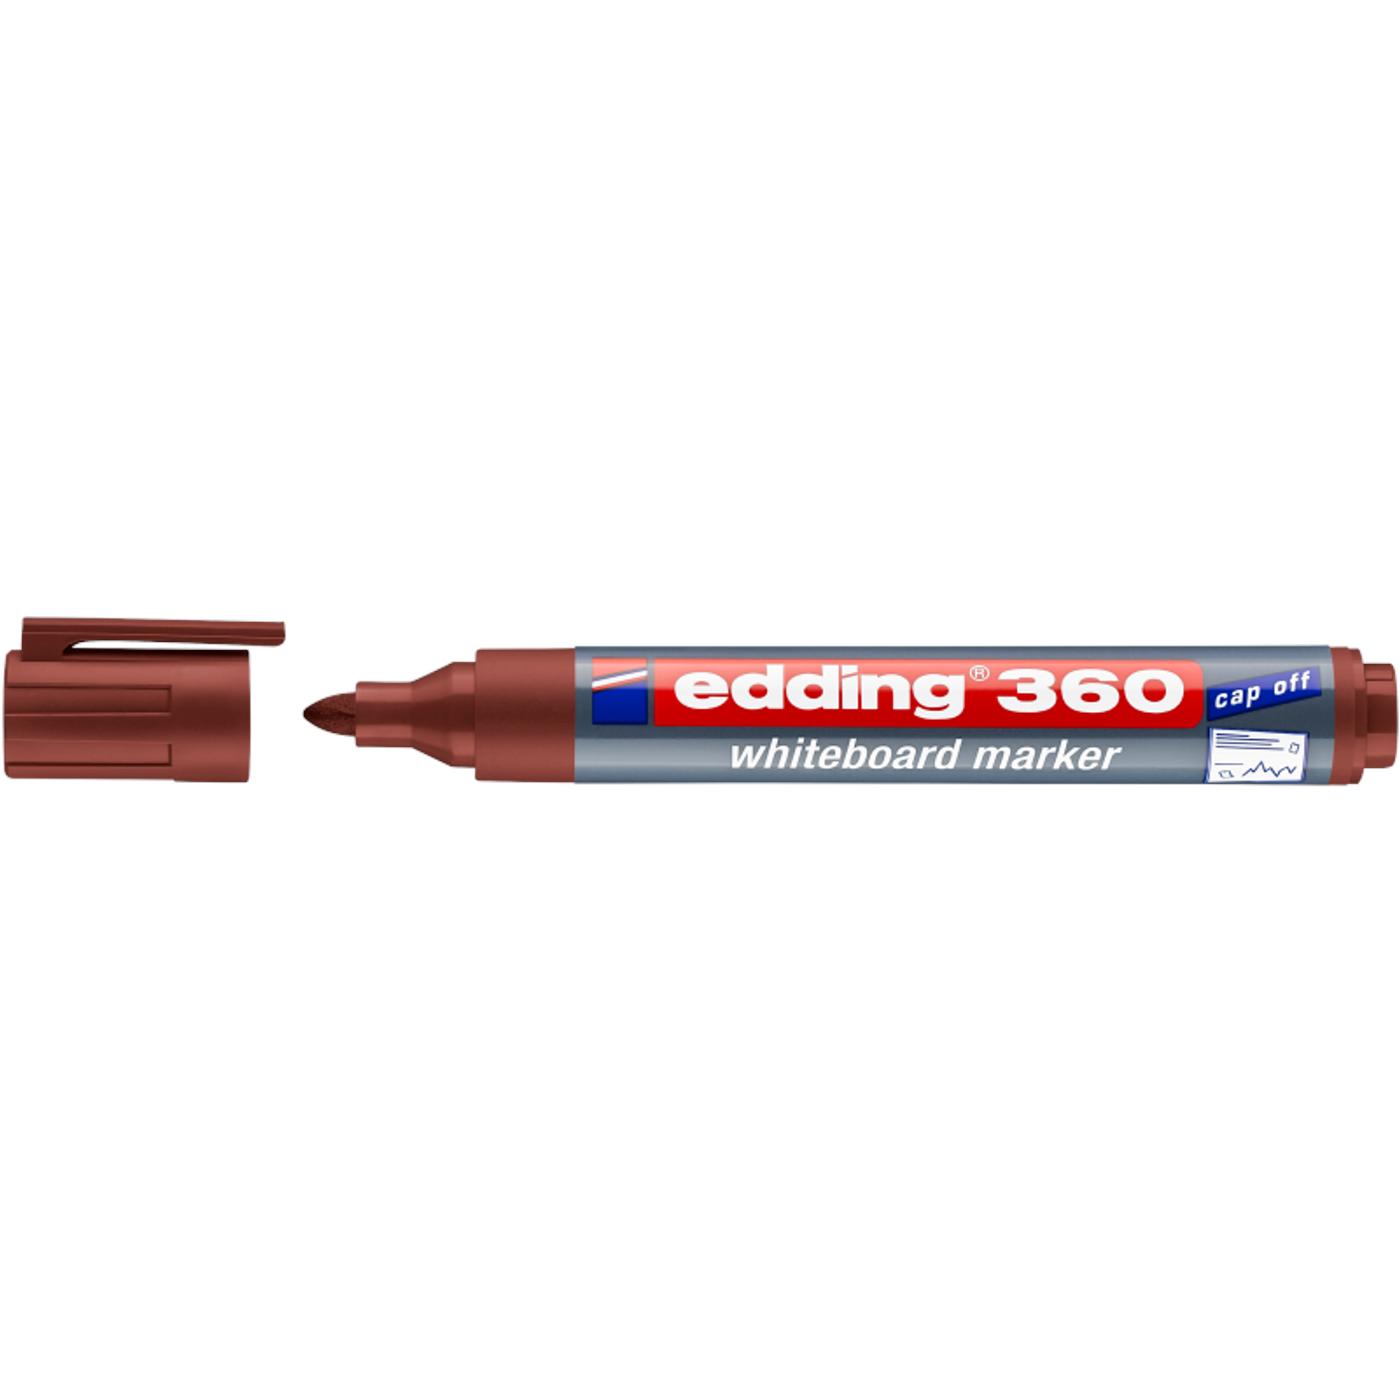 EDDING 360 WHITEBOARD MARKER (BROWN)